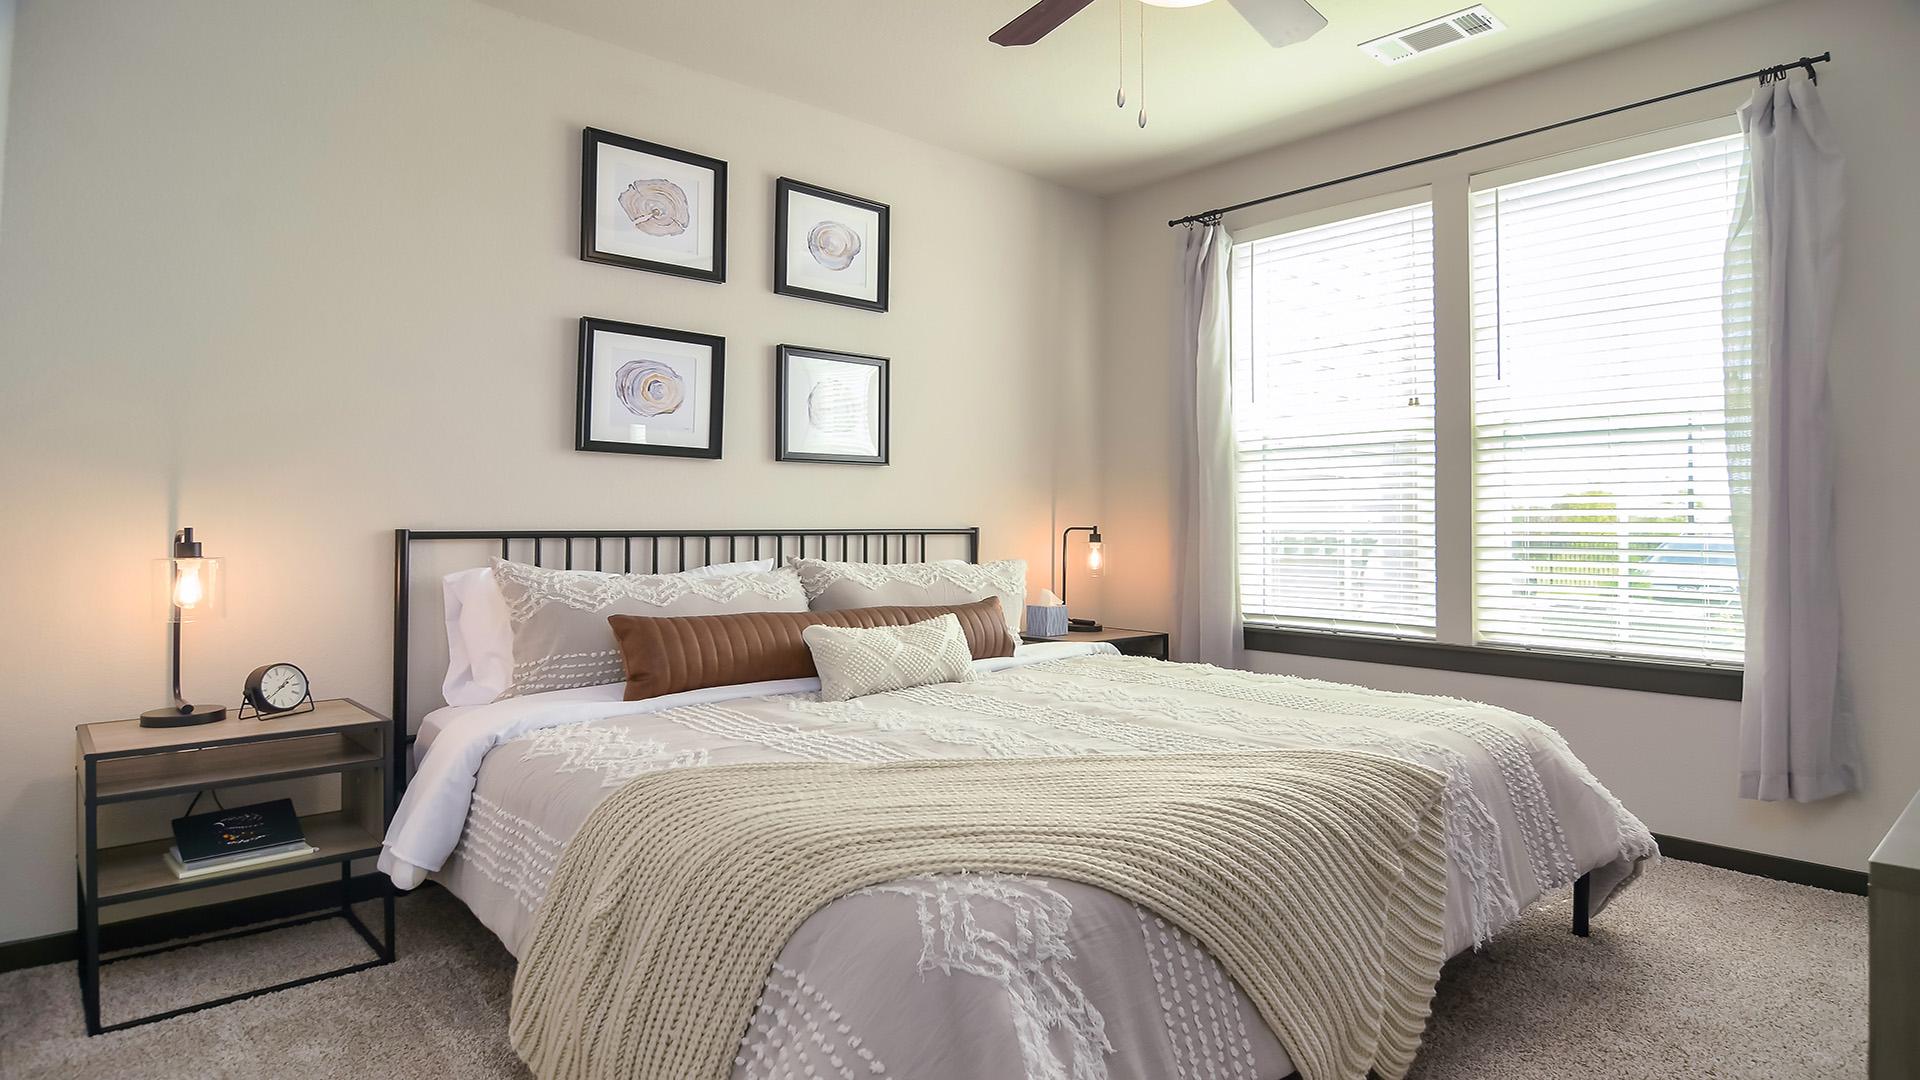 Studio, 1, 2, & 3 Bedrooms